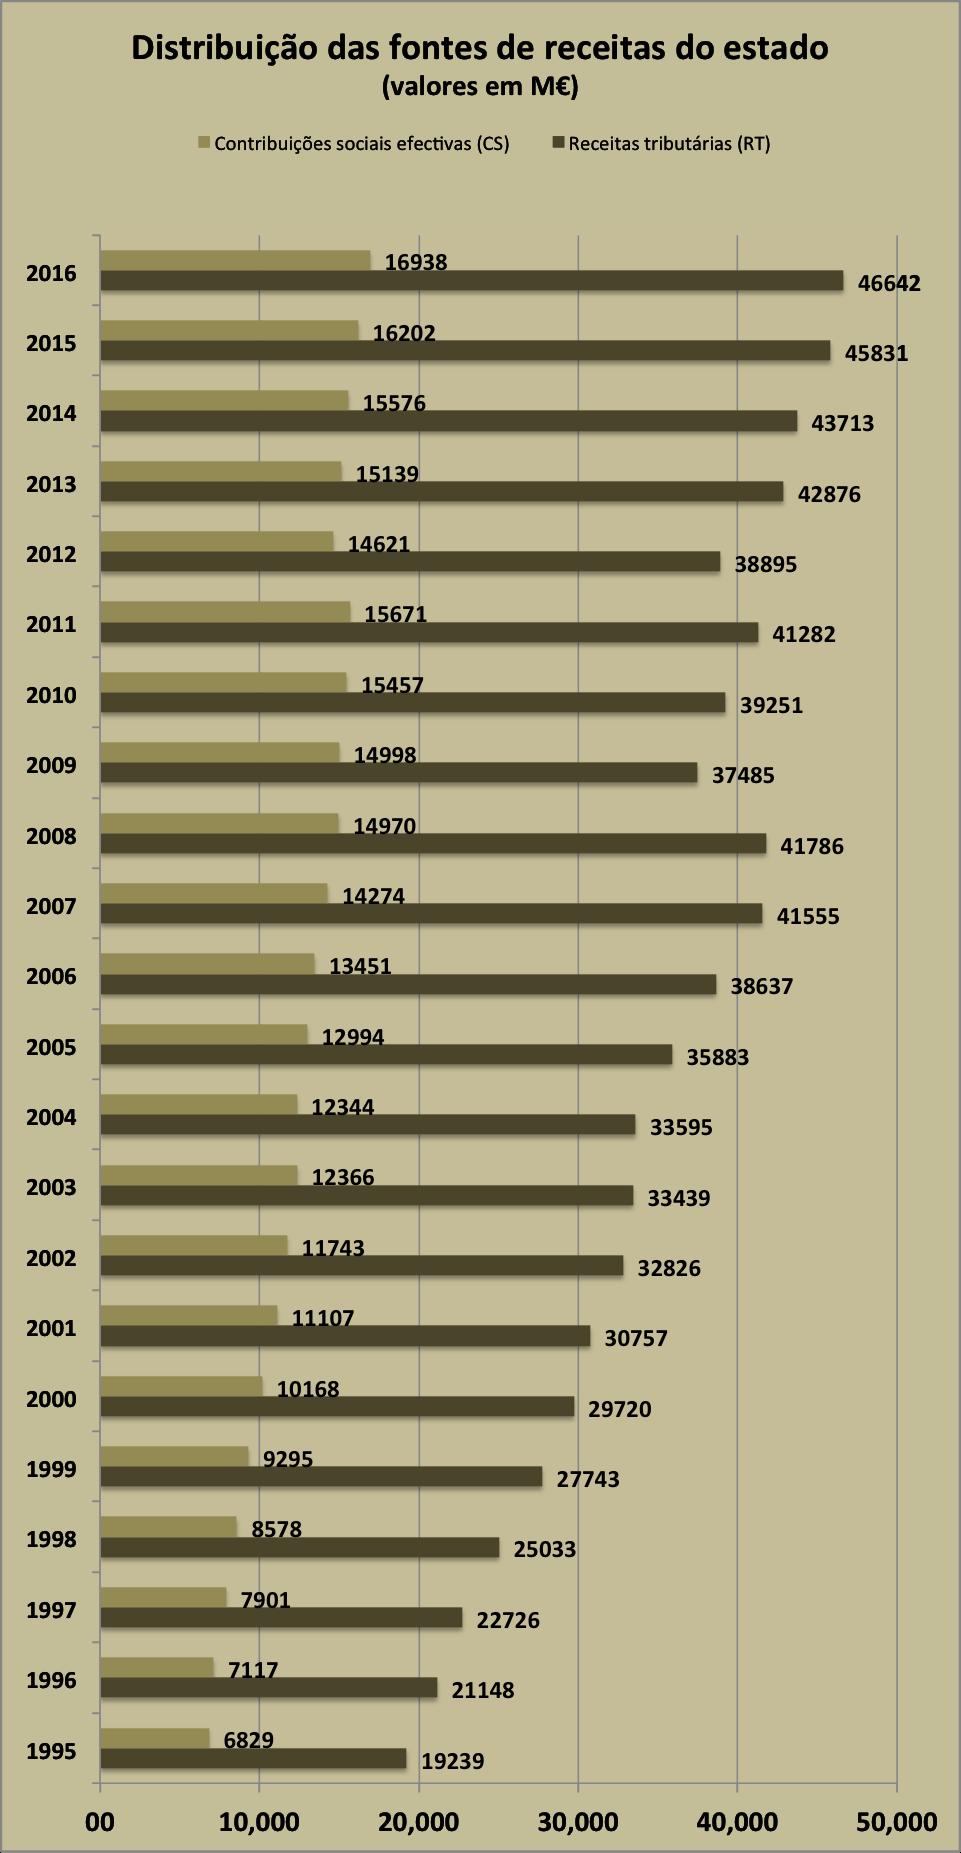 Tabela 1 - Distribuição das receitas do Estado em Milhões de Euros